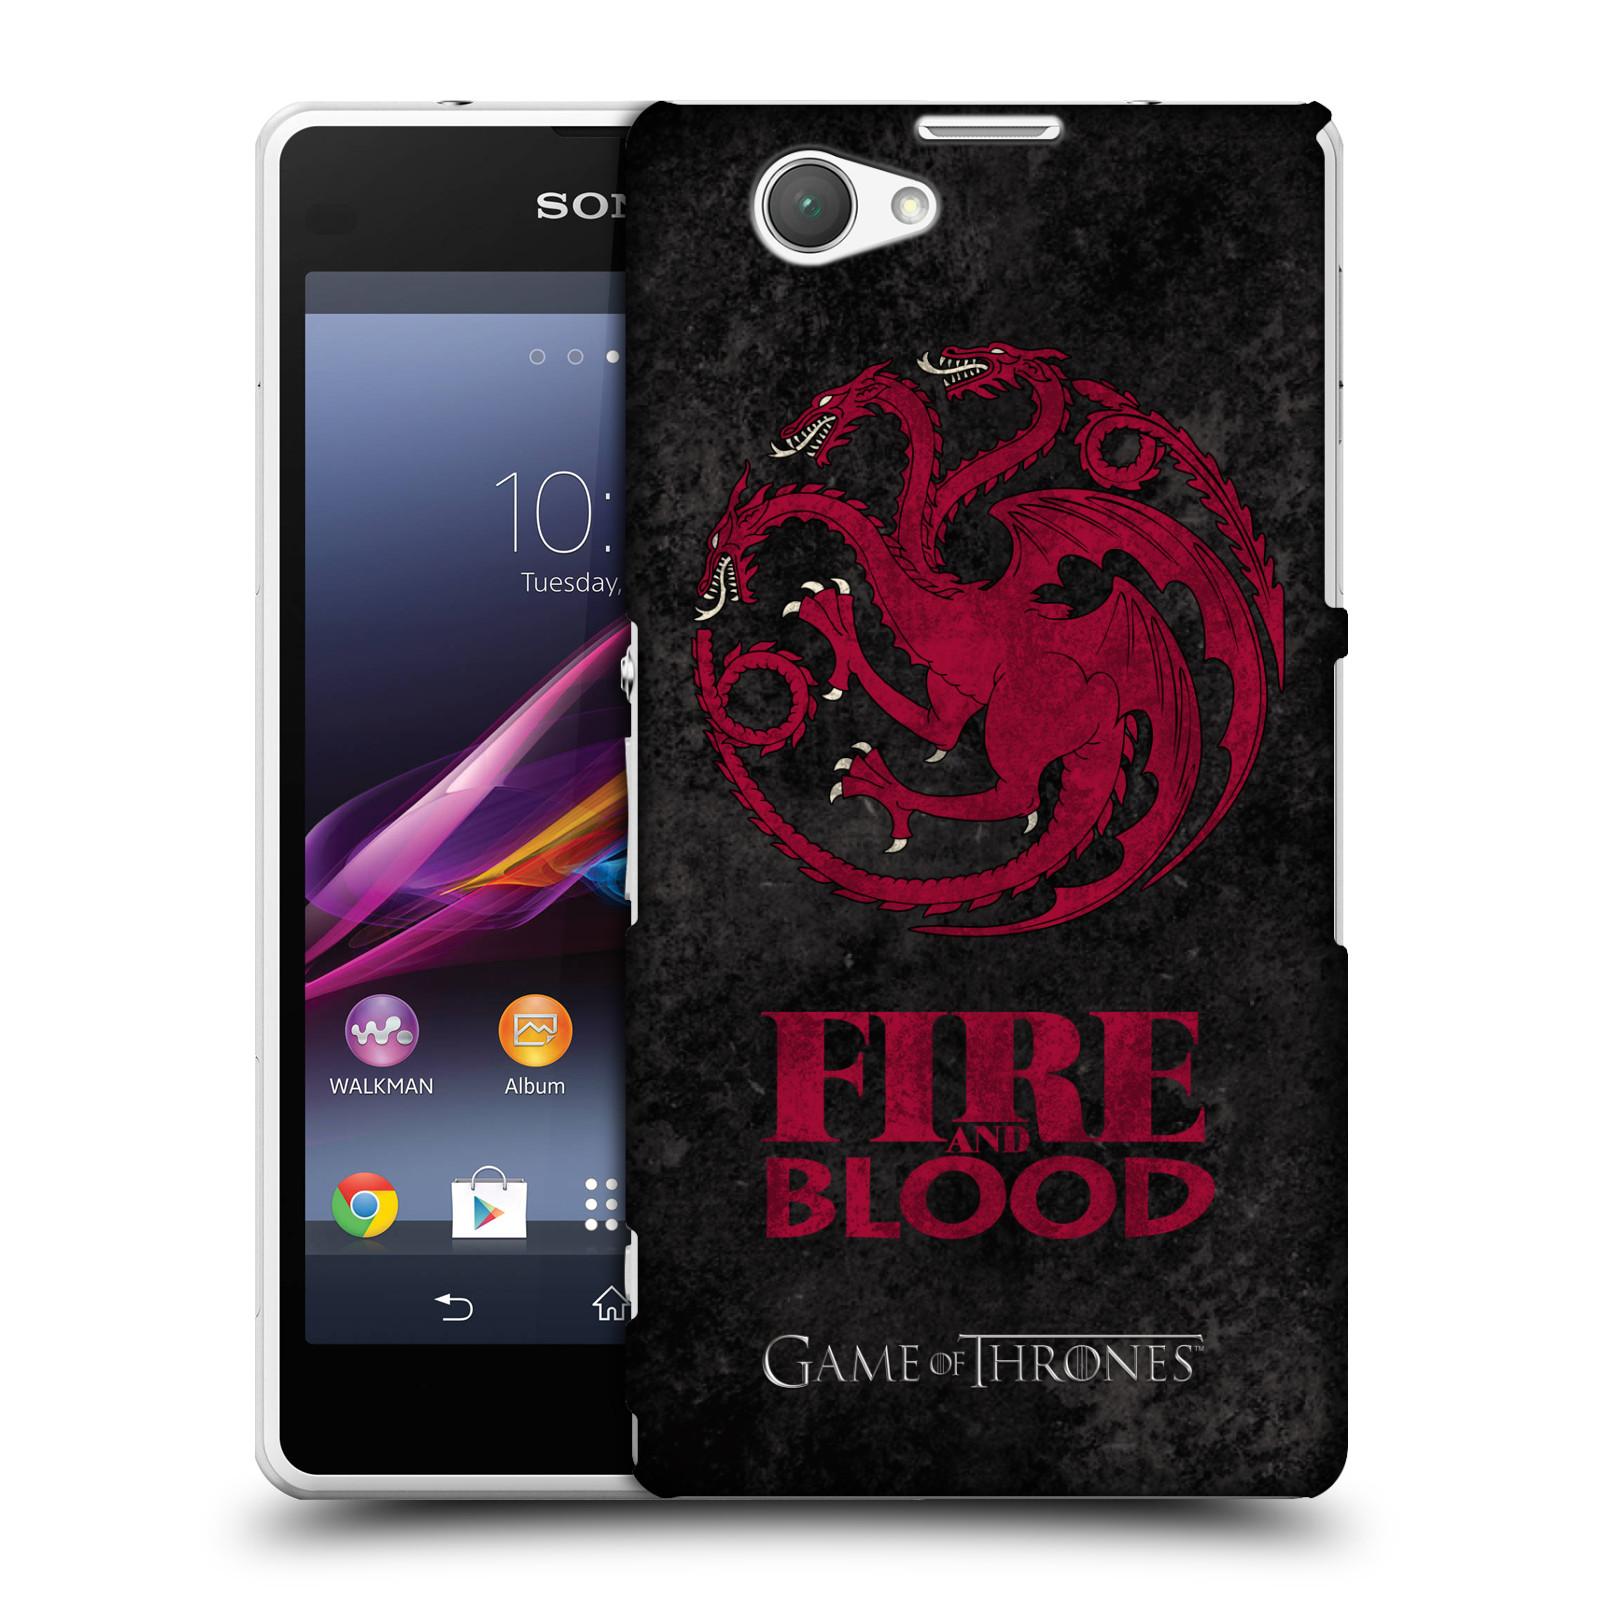 Plastové pouzdro na mobil Sony Xperia Z1 Compact D5503 HEAD CASE Hra o trůny - Sigils Targaryen - Fire and Blood (Plastový kryt či obal na mobilní telefon s licencovaným motivem Hra o trůny - Game Of Thrones pro Sony Xperia Z1 Compact)